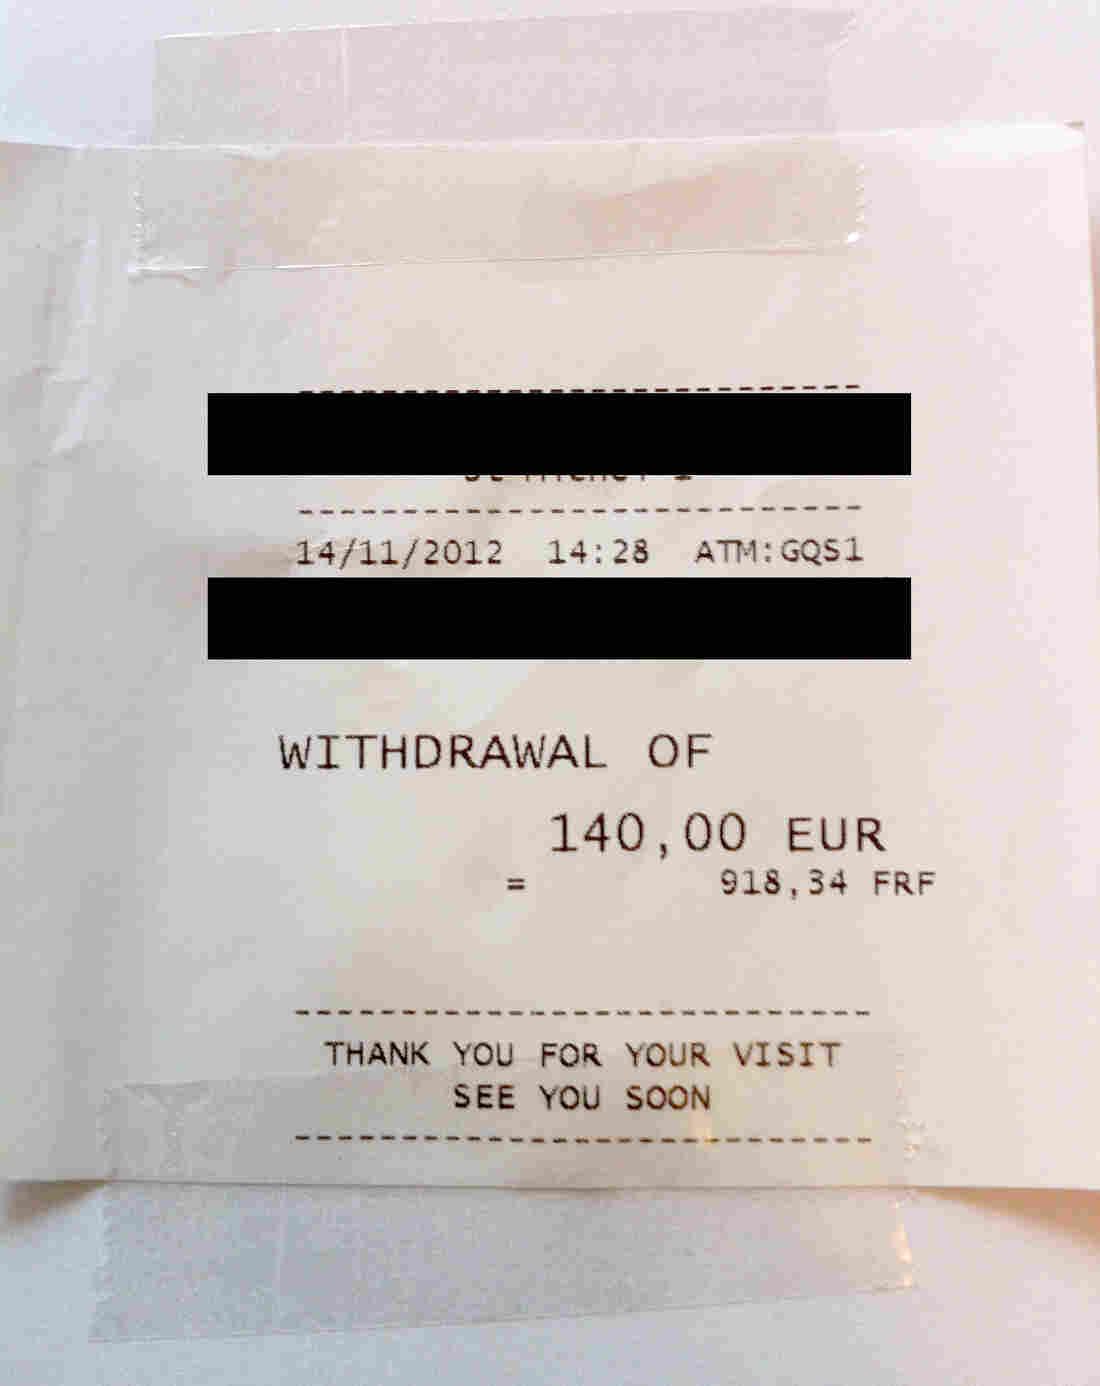 image of francs